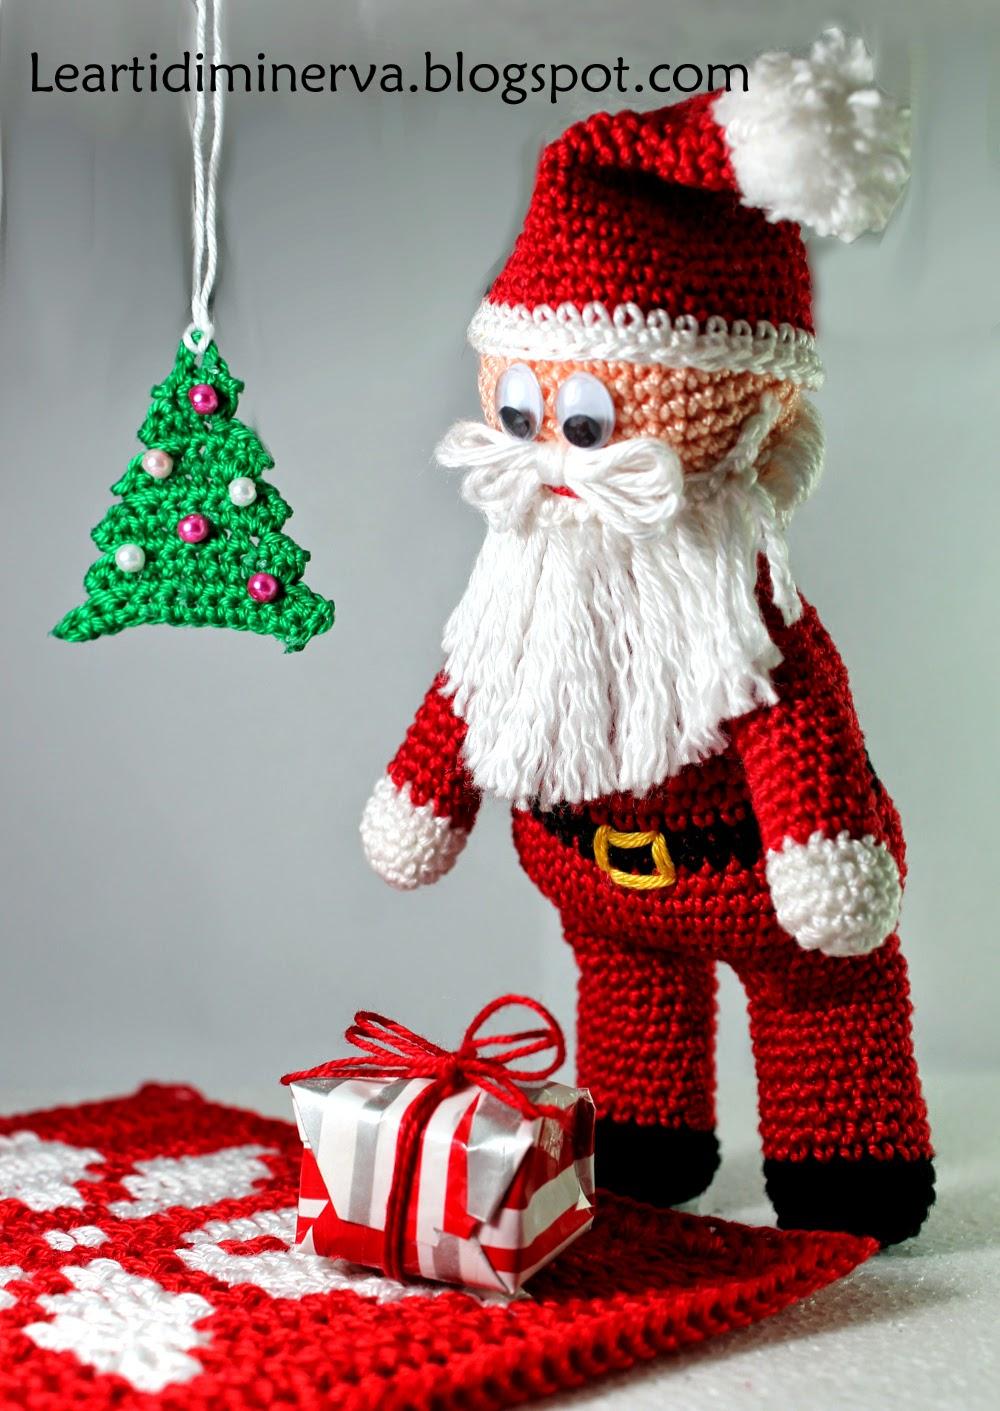 Segnaposto Natalizi Alluncinetto.Maryj Handmade Albero Di Natale All Uncinetto Crochet Christmas Tree